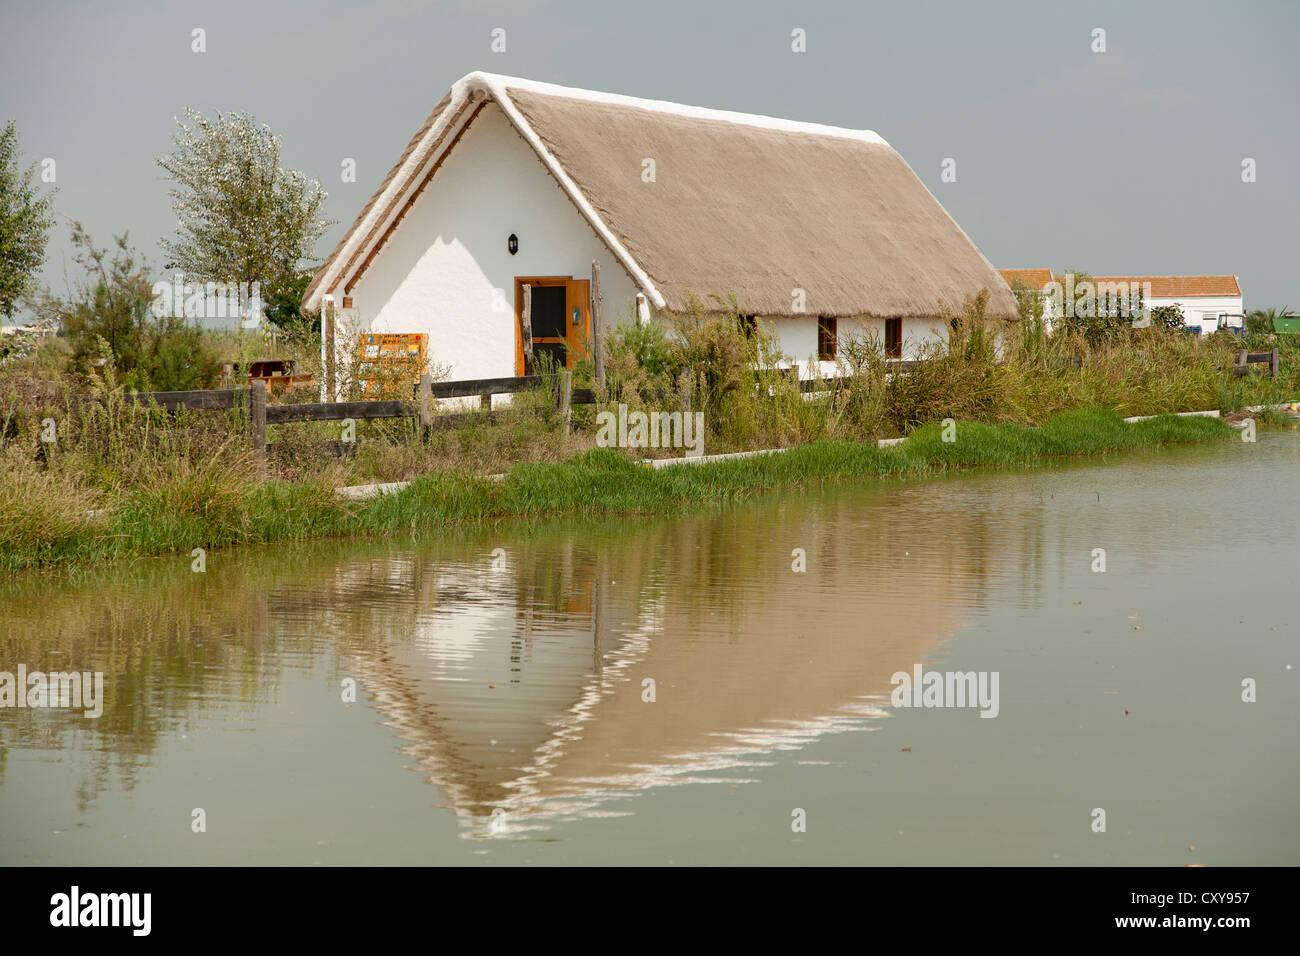 """Hut, """"Barraca"""" typical building in Ebro delta, near a rice field in Riet Vell, Amposta, Ebro Delta, Natural Park, Stock Photo"""